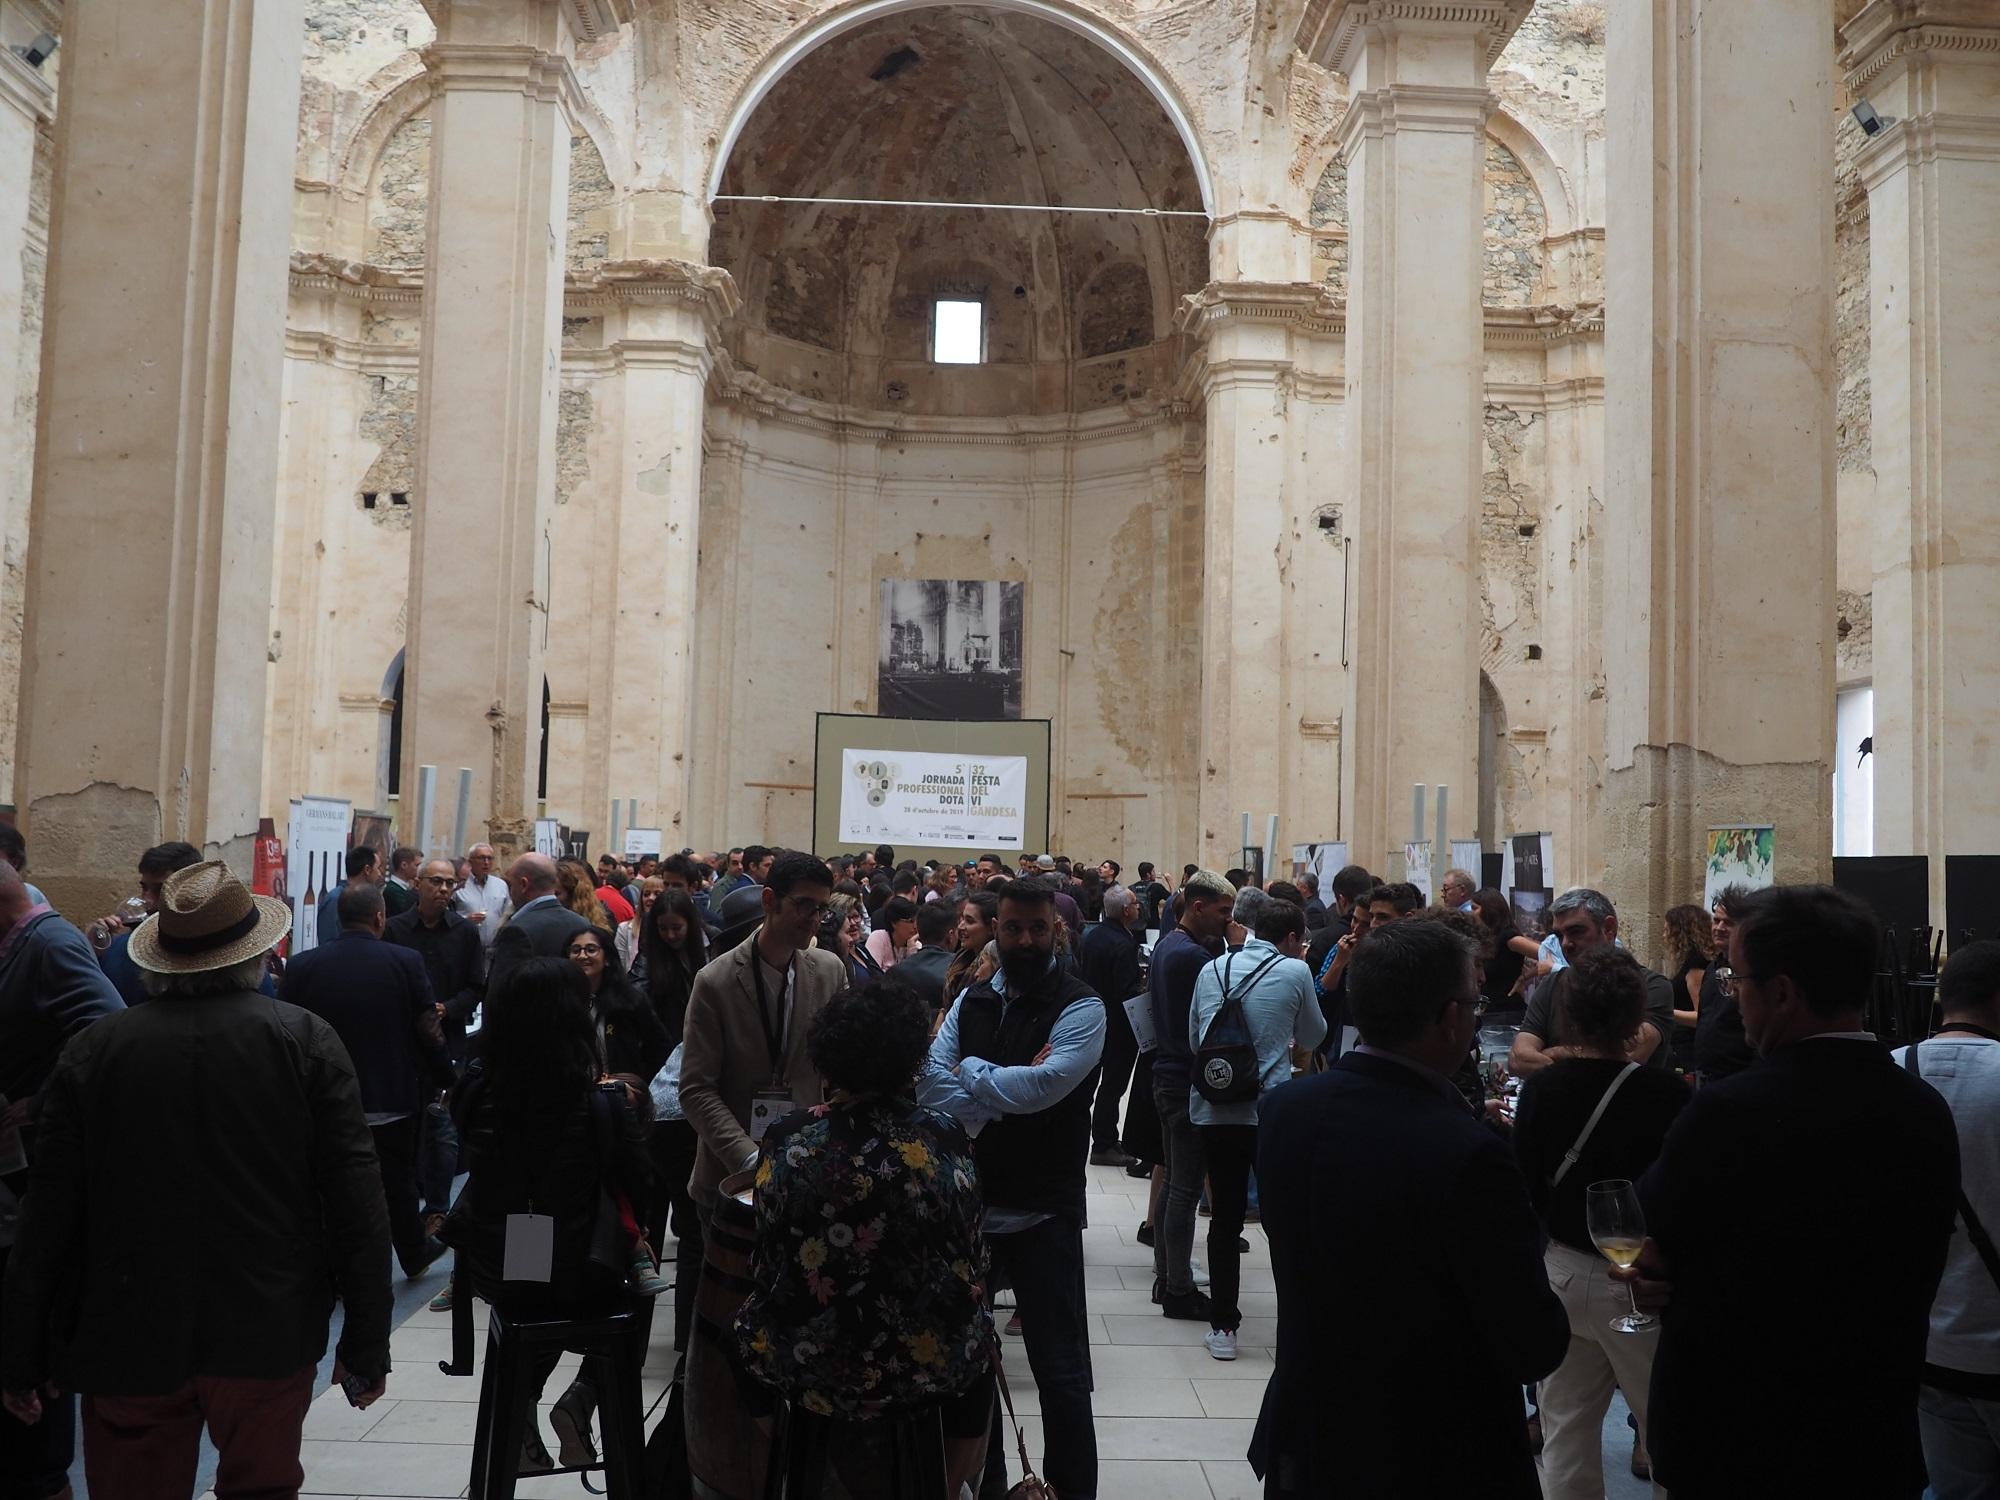 La DO Terra Alta congrega a més de 200 professionals a l'Església del Poble Vell de Corbera